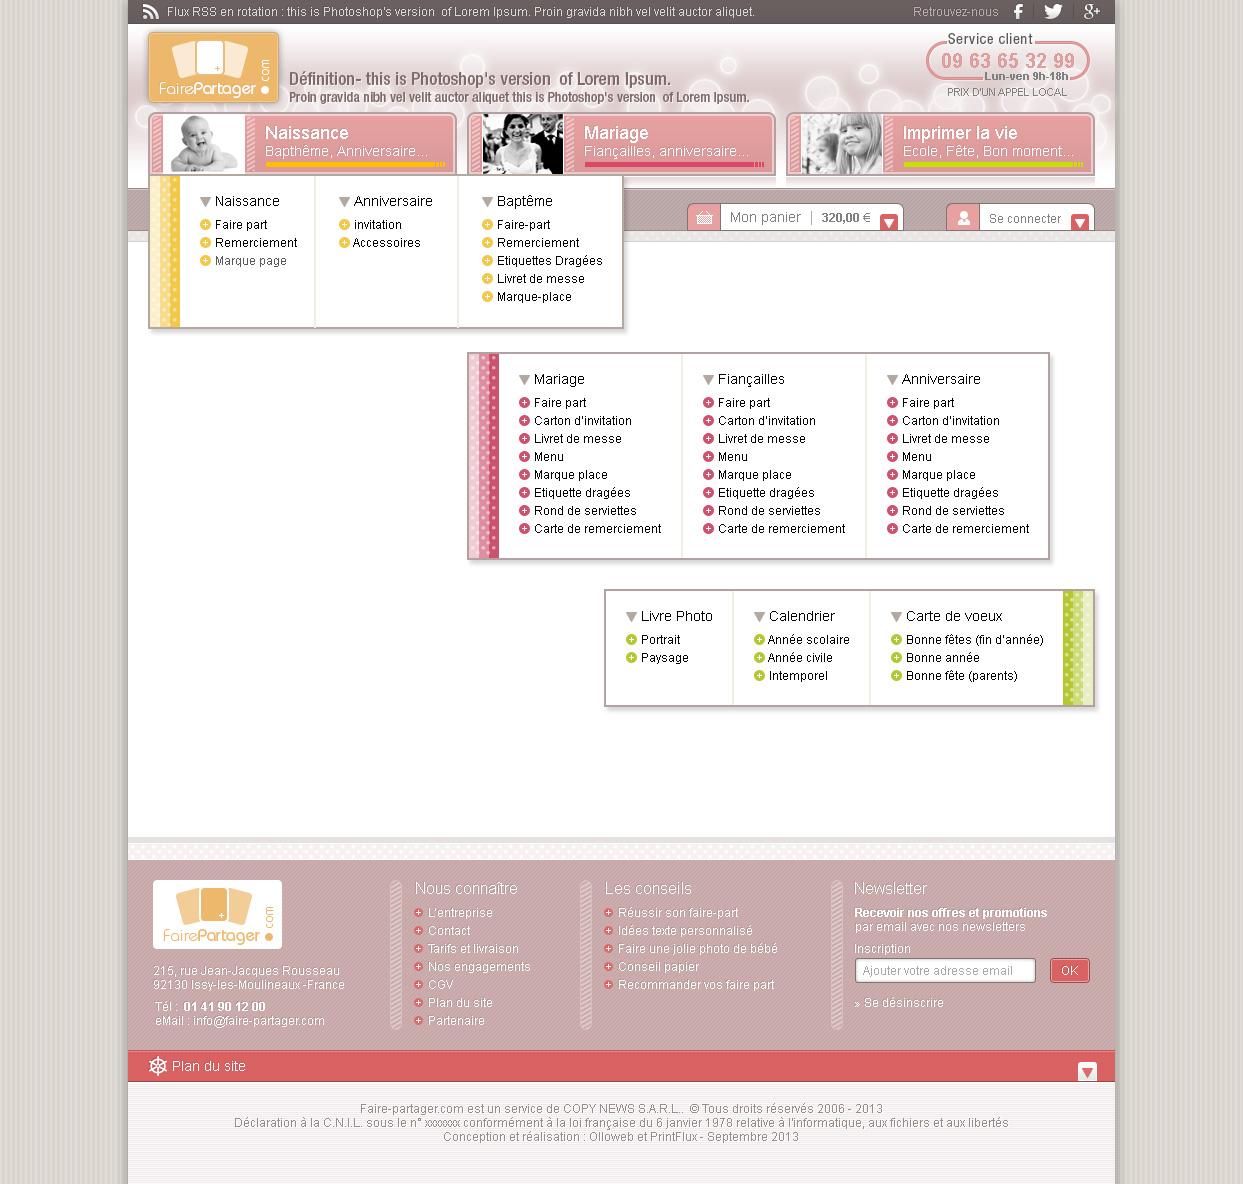 Détail graphique des menus